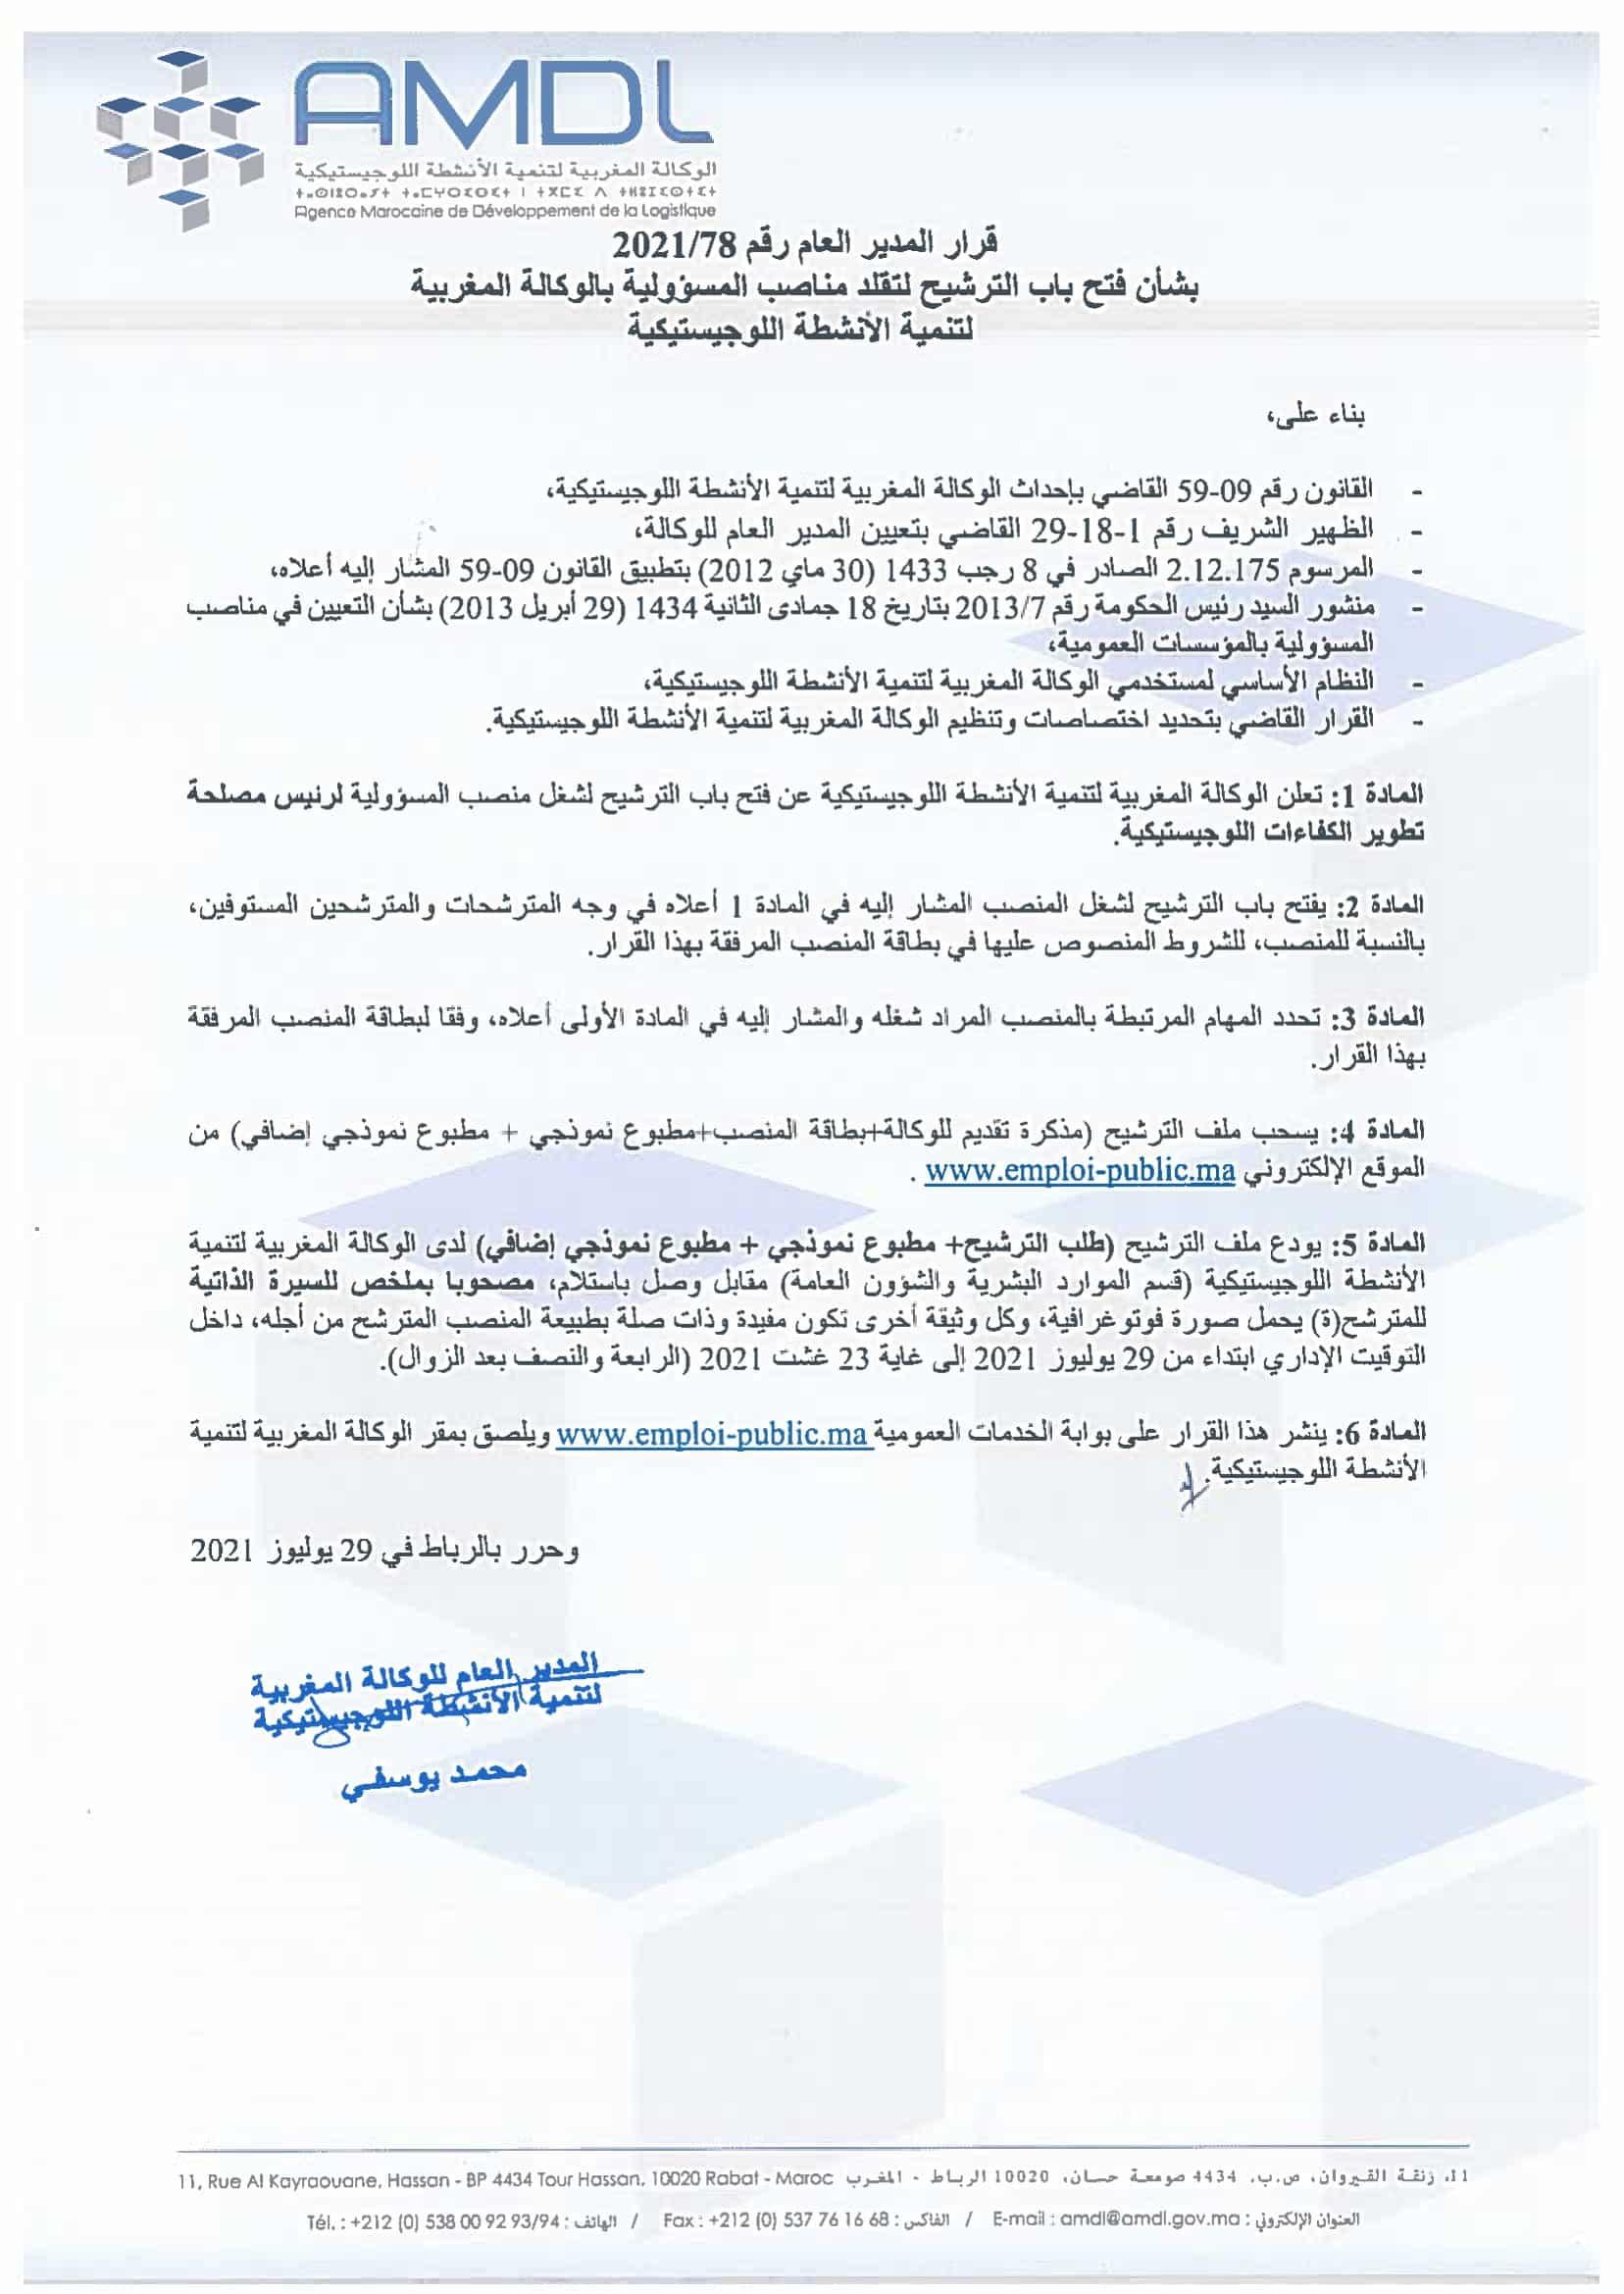 Appelcandidaturedveloppementdescomptenceslogstiques 1 Concours Agence Marocaine de Développement de la Logistique (8 Postes)